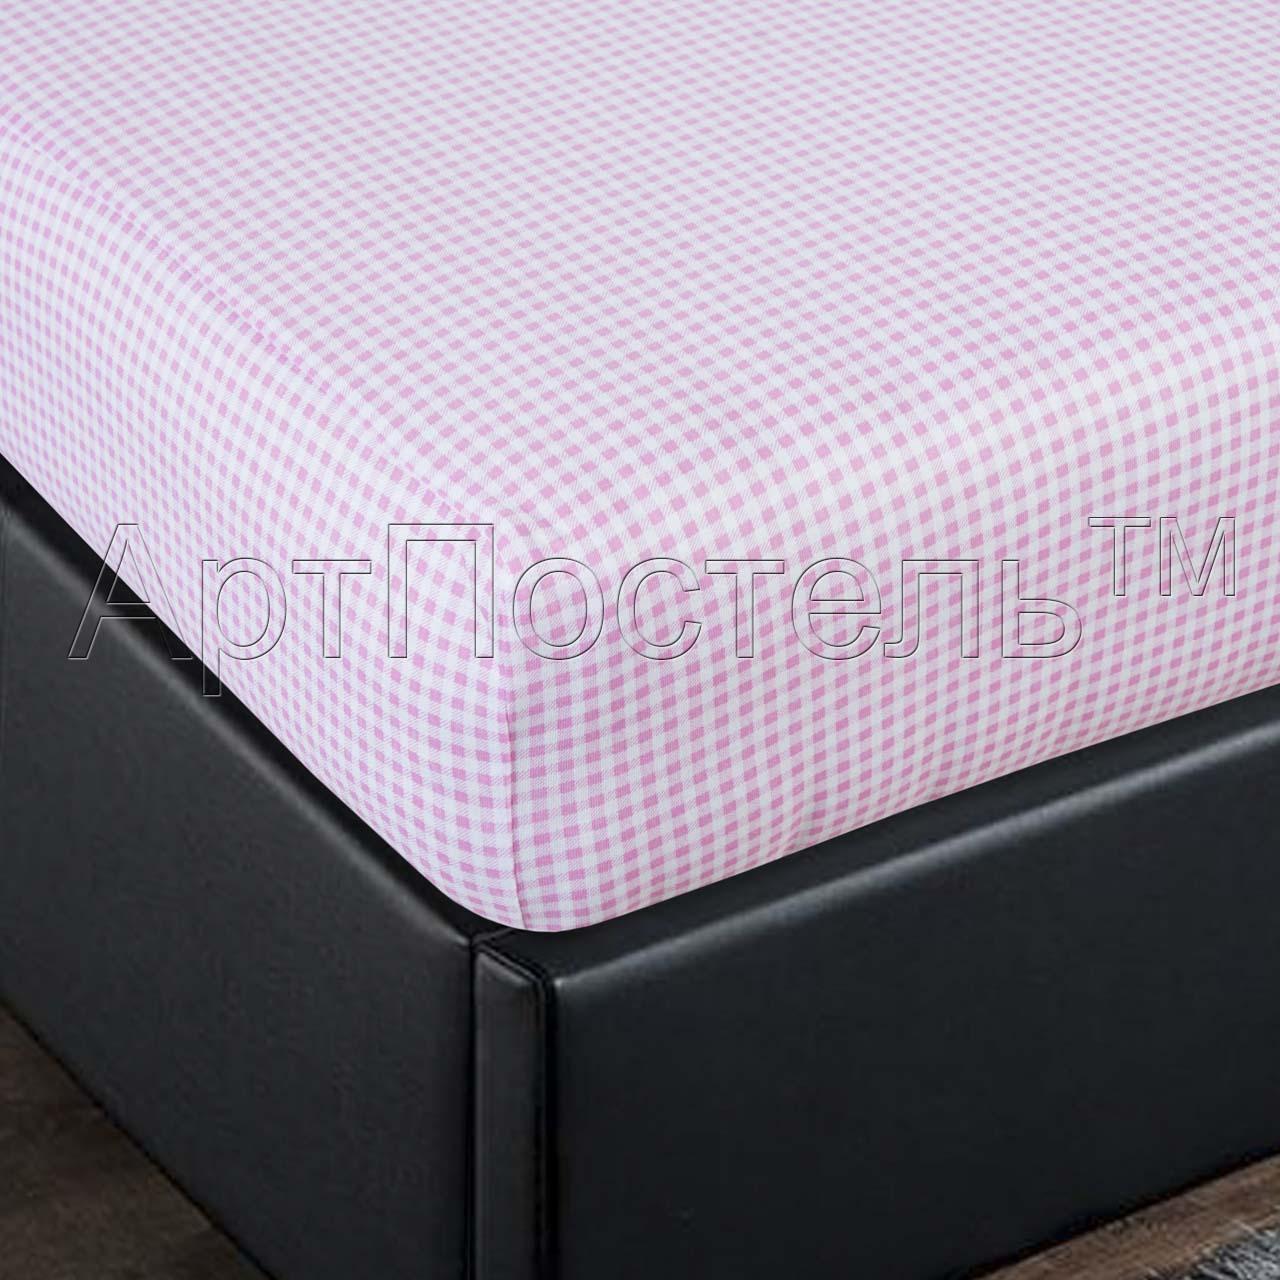 Простыня на резинке Клетка Розовый, размер 140х200 смПростыни<br>Плотность ткани:145 г/кв. м<br>Высота матраса:20 см<br><br>Тип: Простыня<br>Размер: 140х200<br>Материал: Кулирка